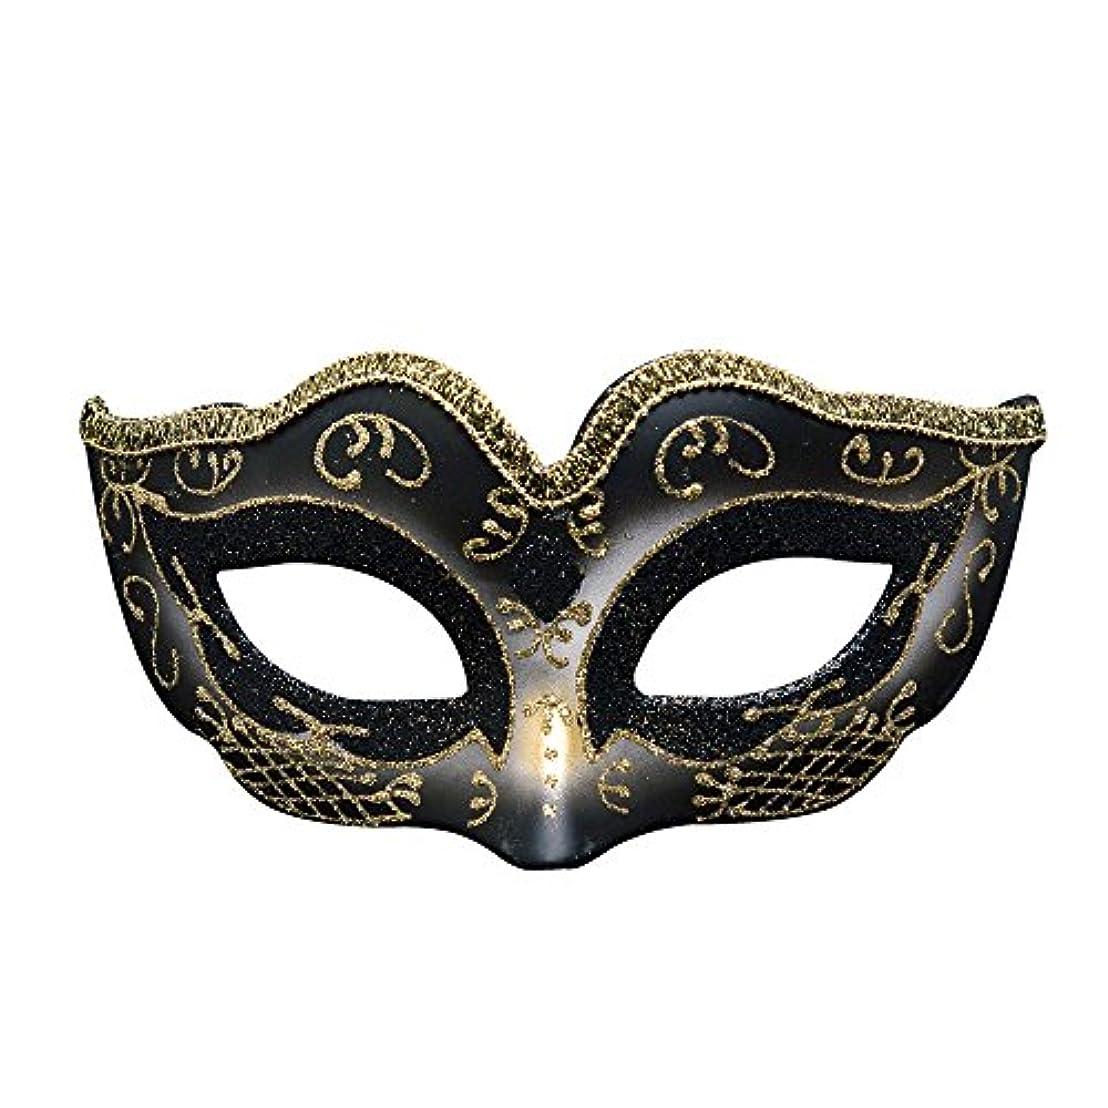 商業の納税者謙虚クリエイティブキッズマスカレードパーティーハロウィンマスククリスマス雰囲気マスク (Color : #2)